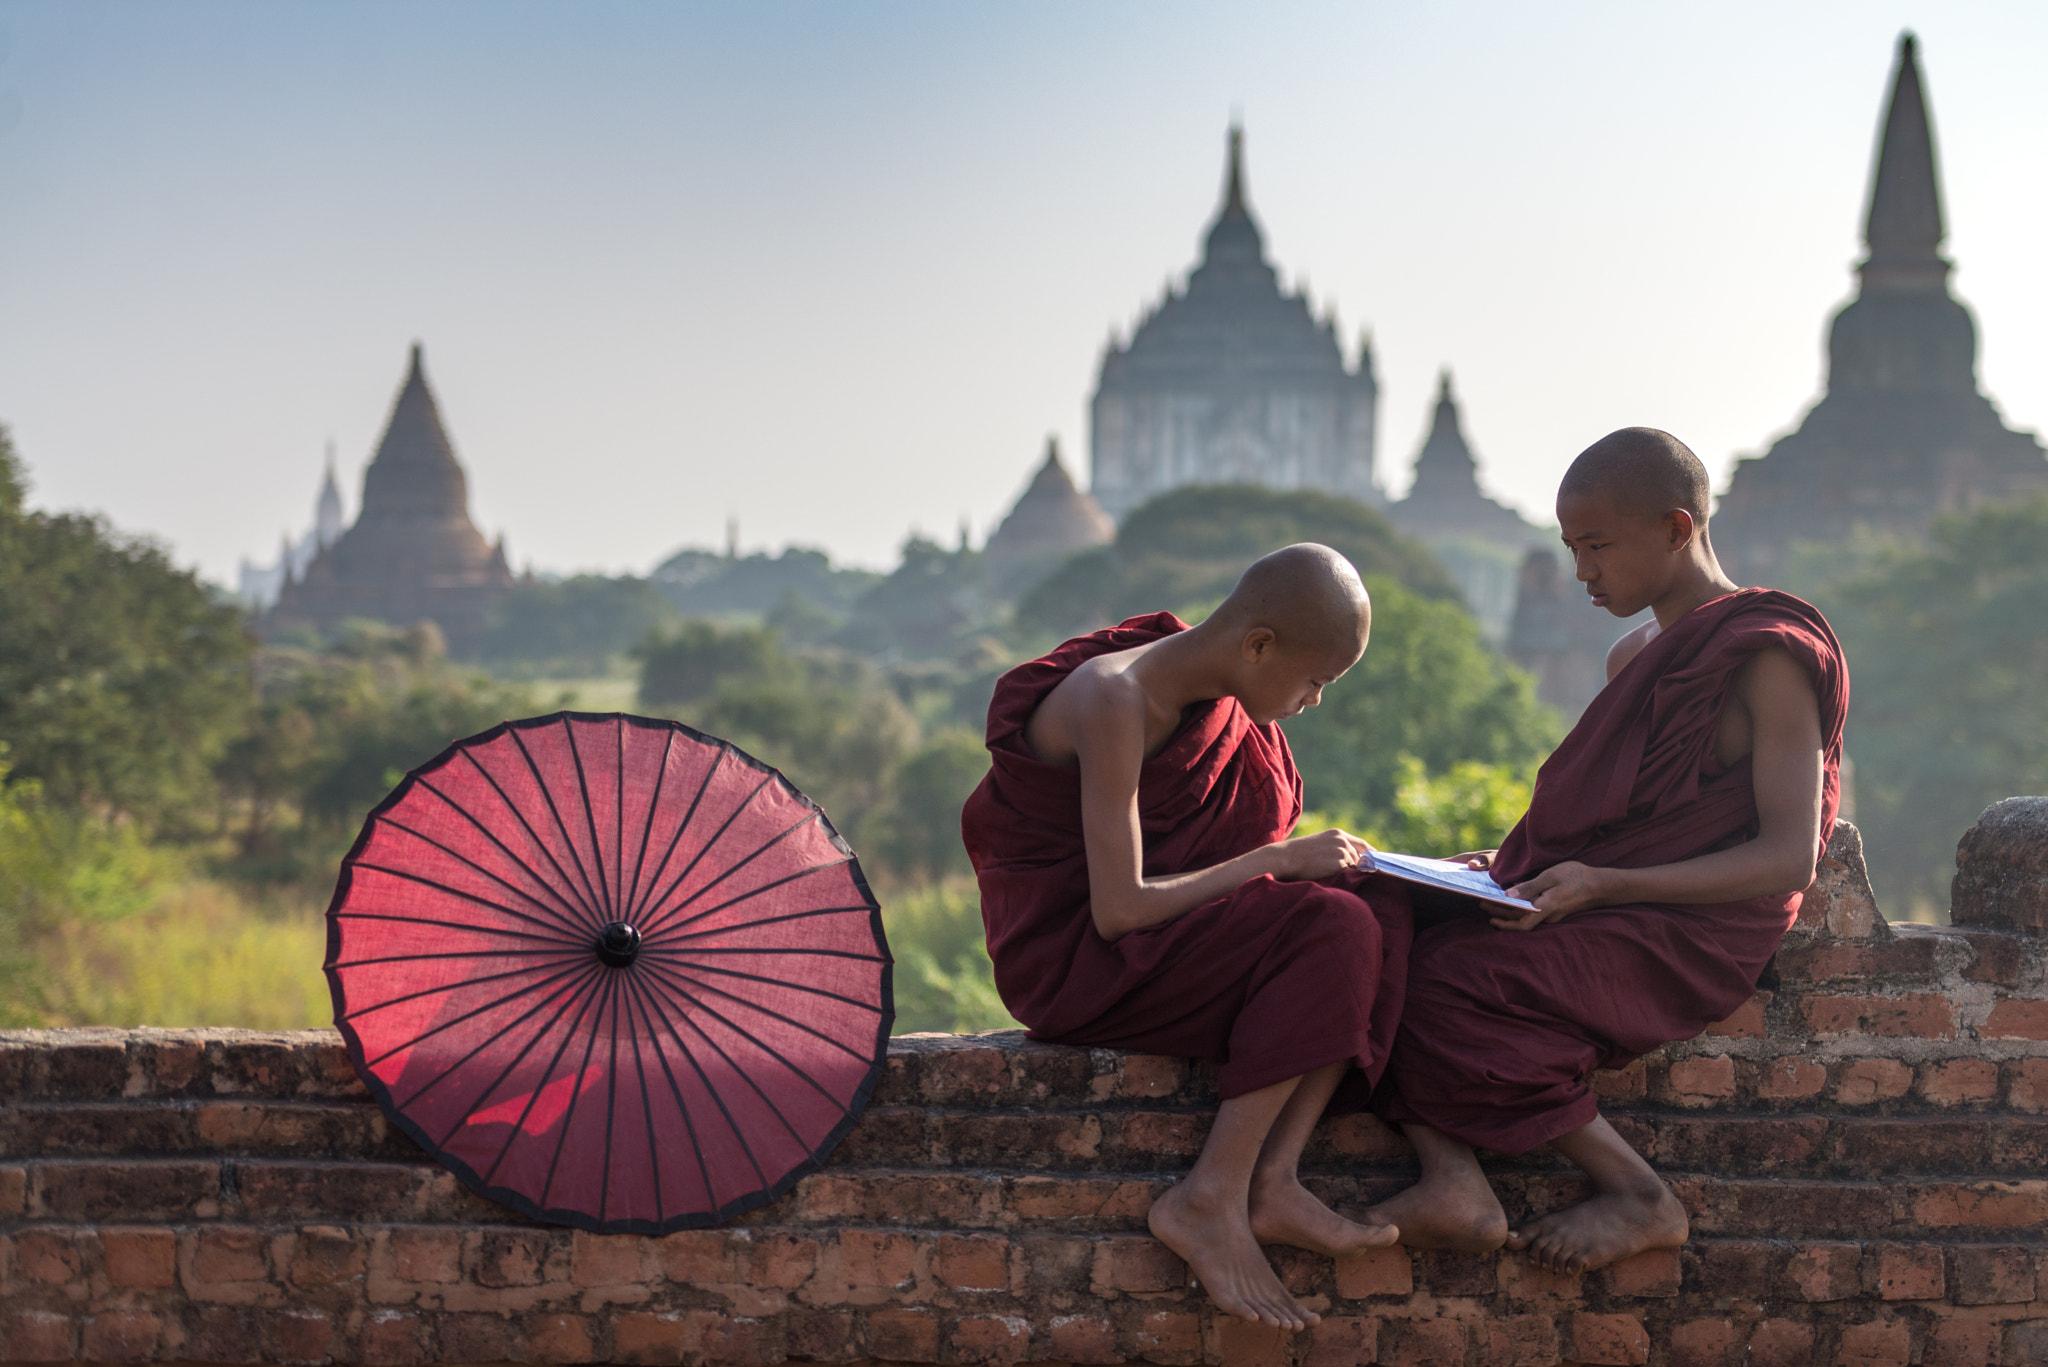 Tour Du Lịch Myanmar 4 Ngày 3 Đêm Giá Rẻ từ Hà Nội & Hồ Chí Minh - Vietmountain Travel 5